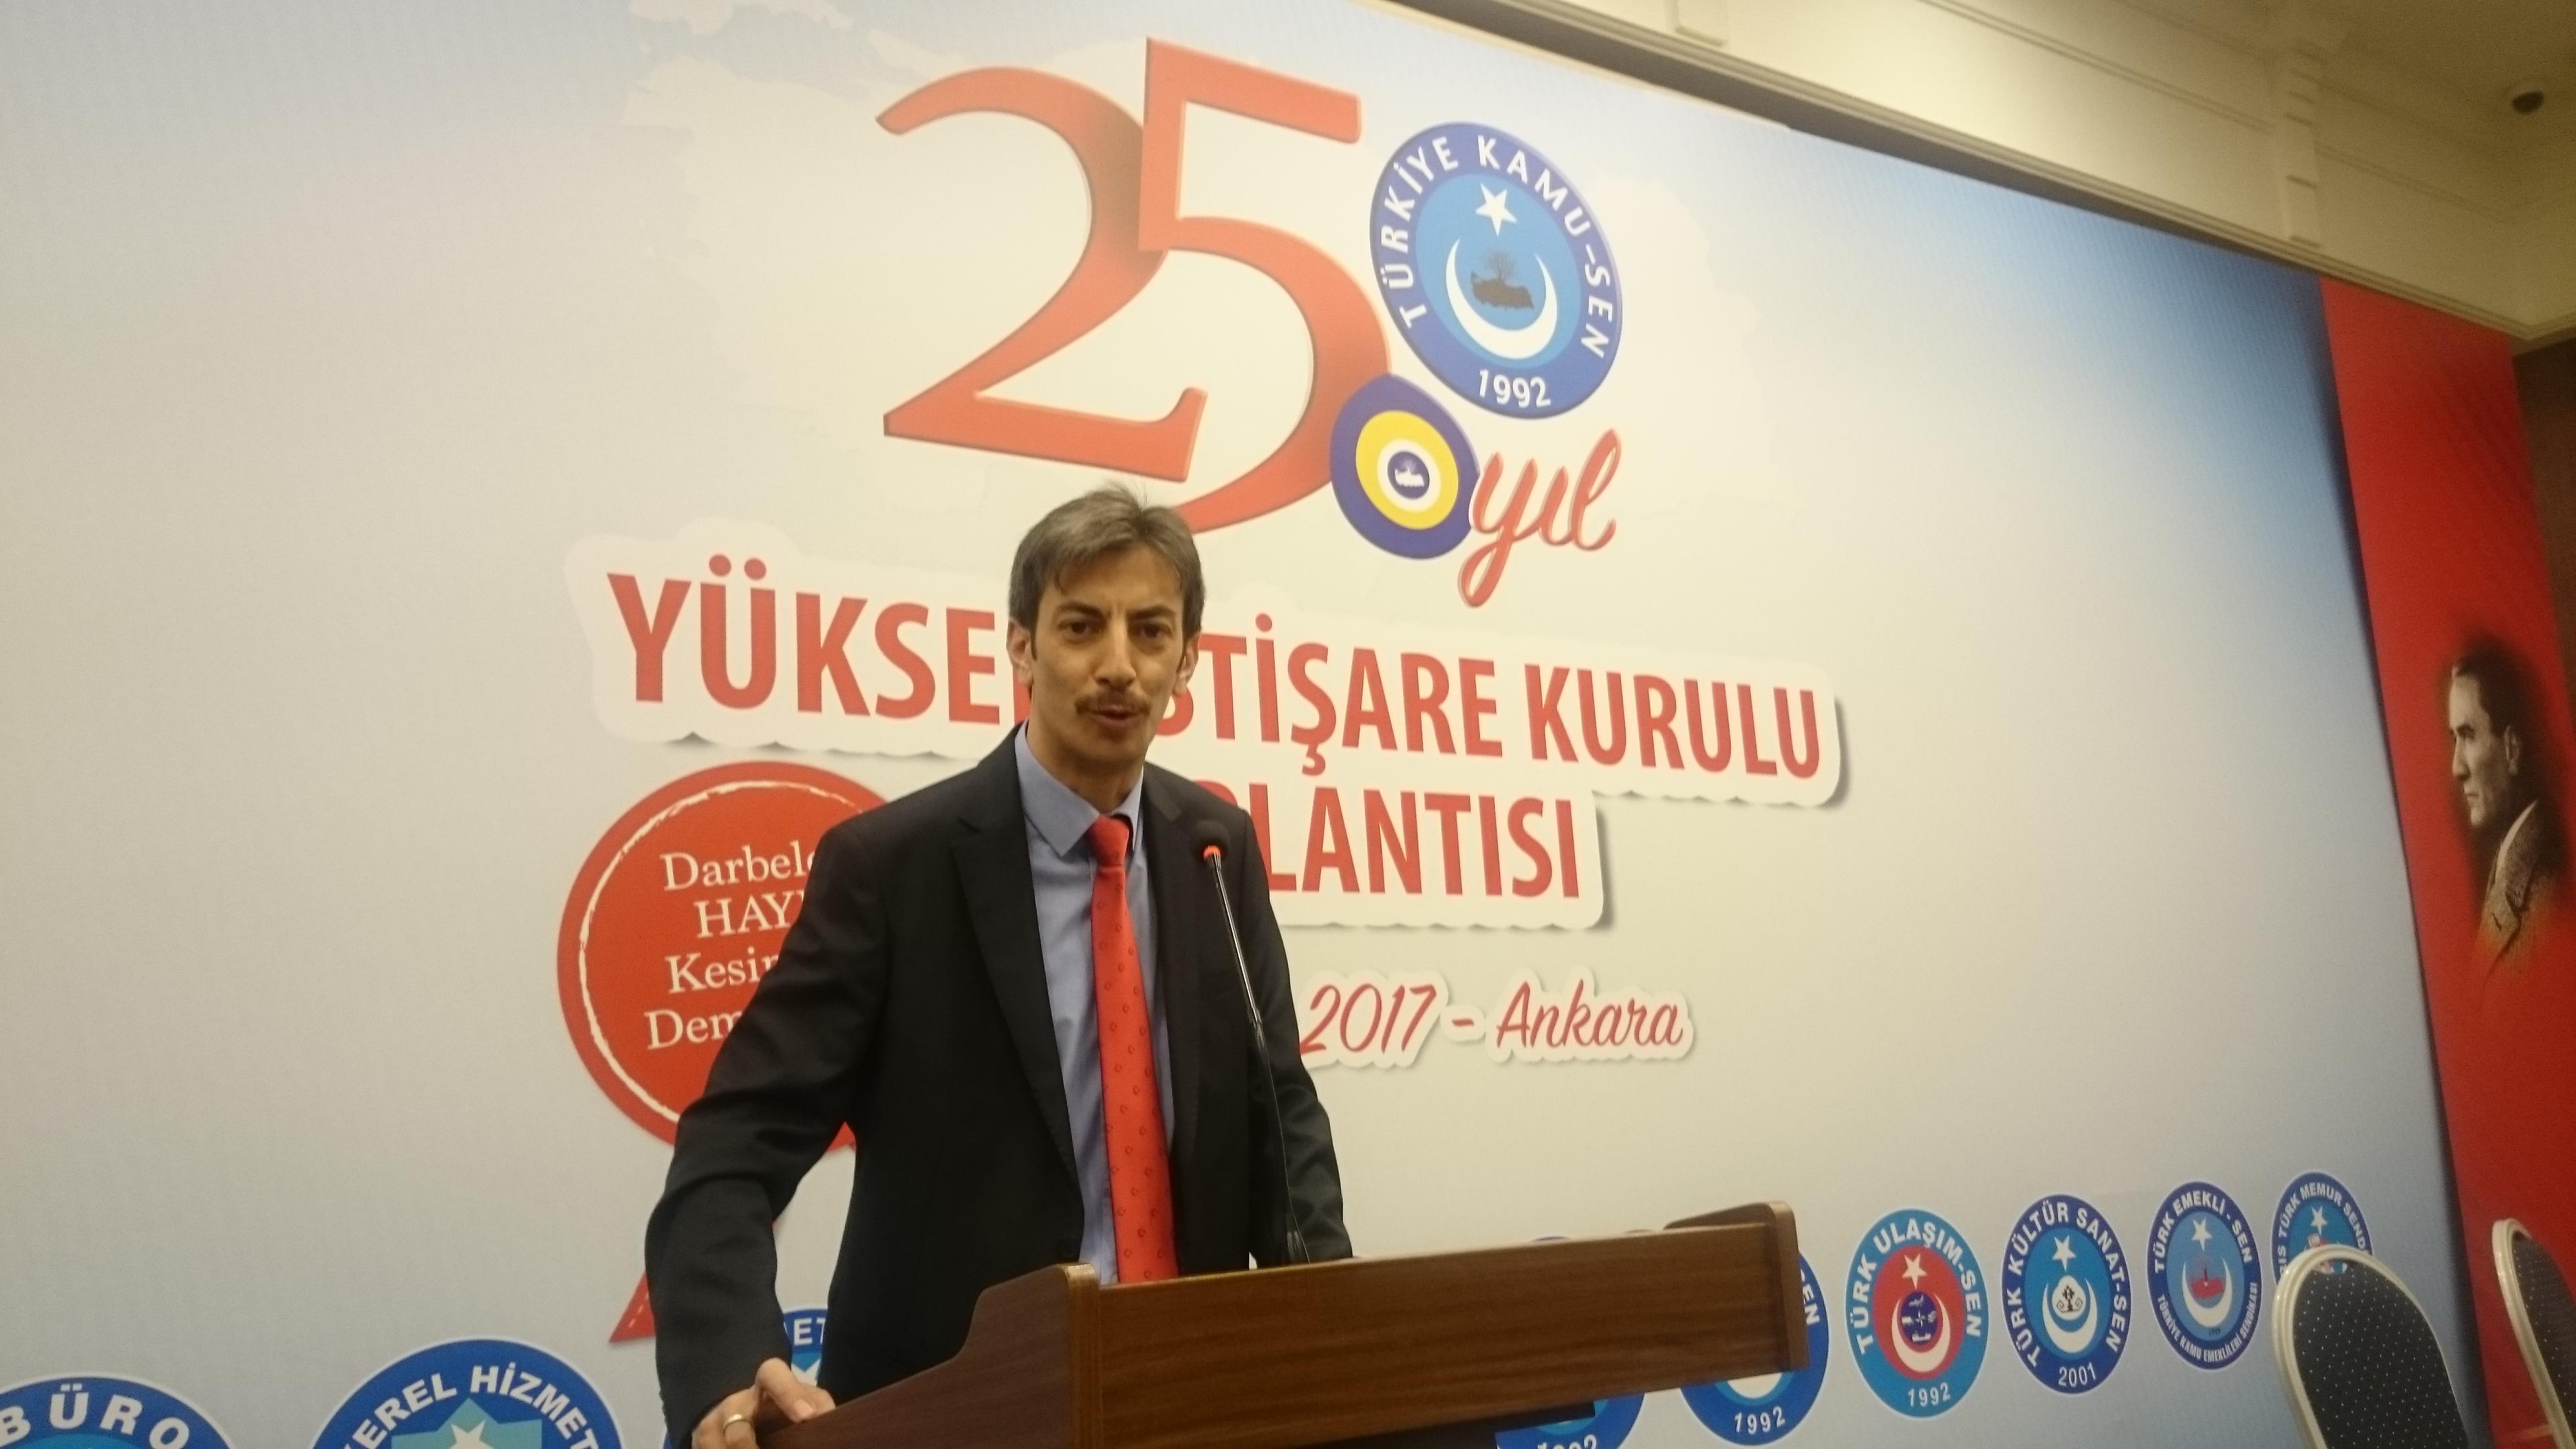 Türk Eğitim Sen'den Toplu Sözleşme Sürecine İlişkin Açıklama